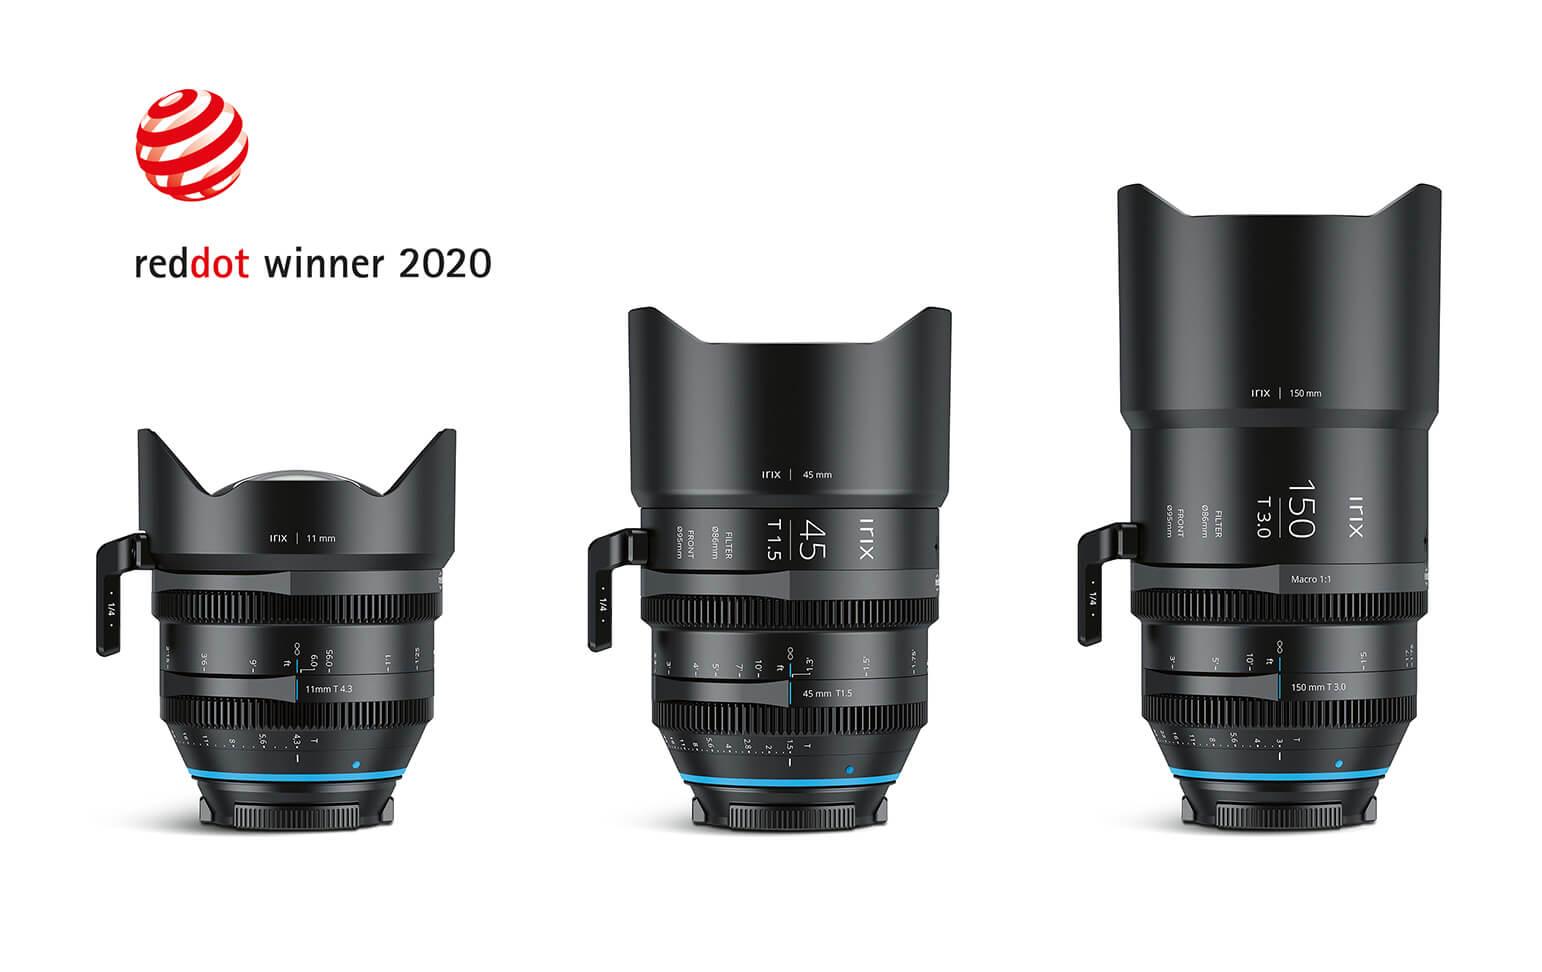 3 obiektywy do aparatu fotograficznego na białym tle. W rogu logo konkursu RedDot Winner 2020